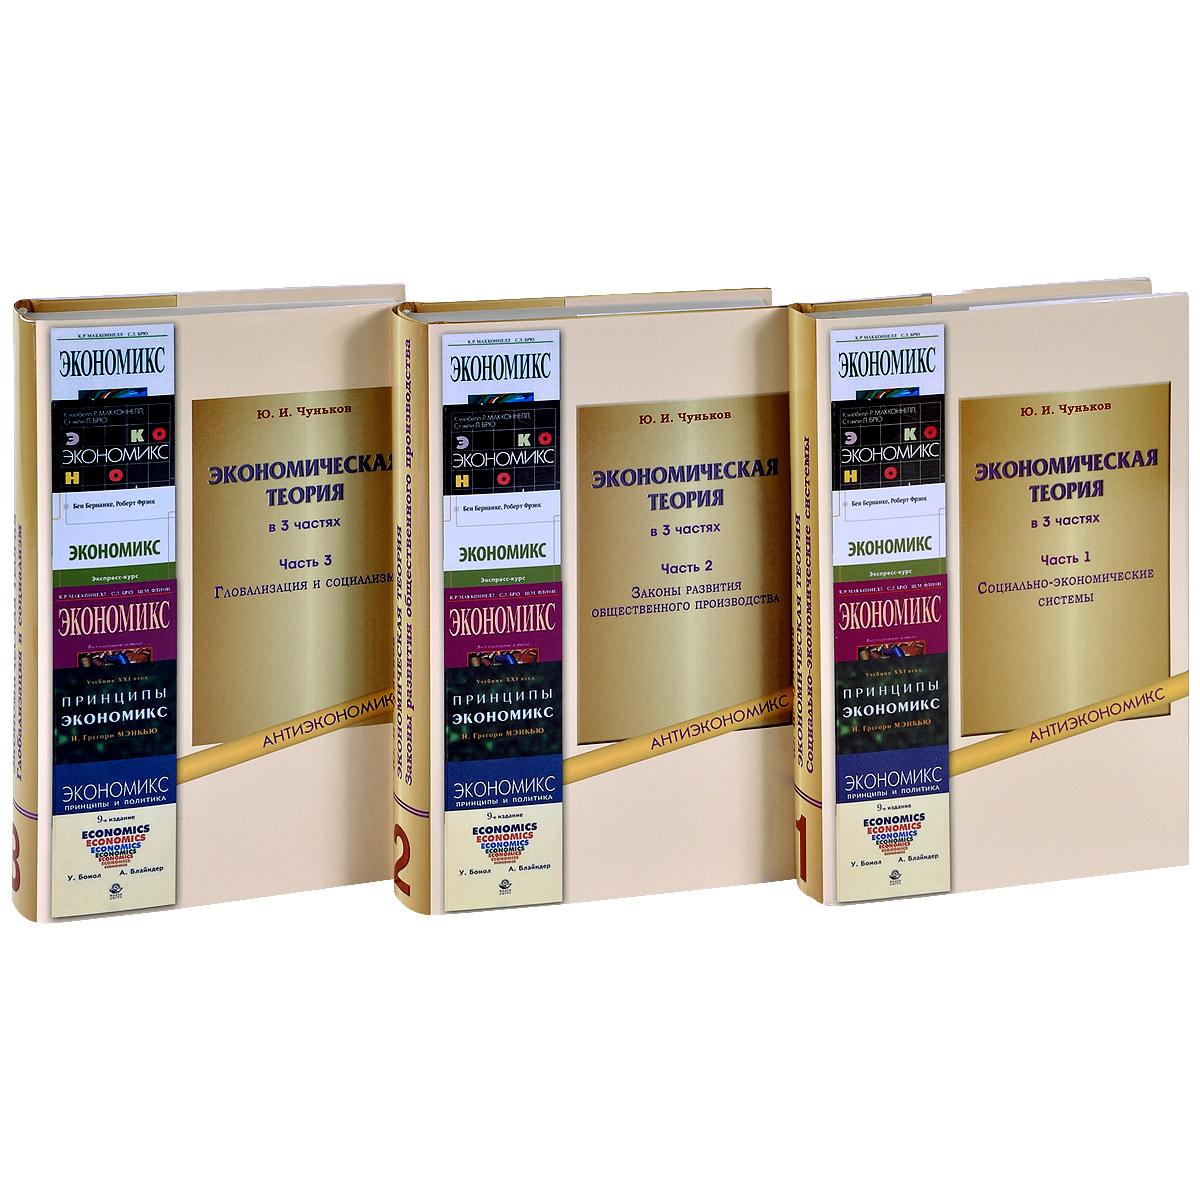 Экономическая теория. Учебное пособие (комплект из 3 книг), Ю. И. Чуньков